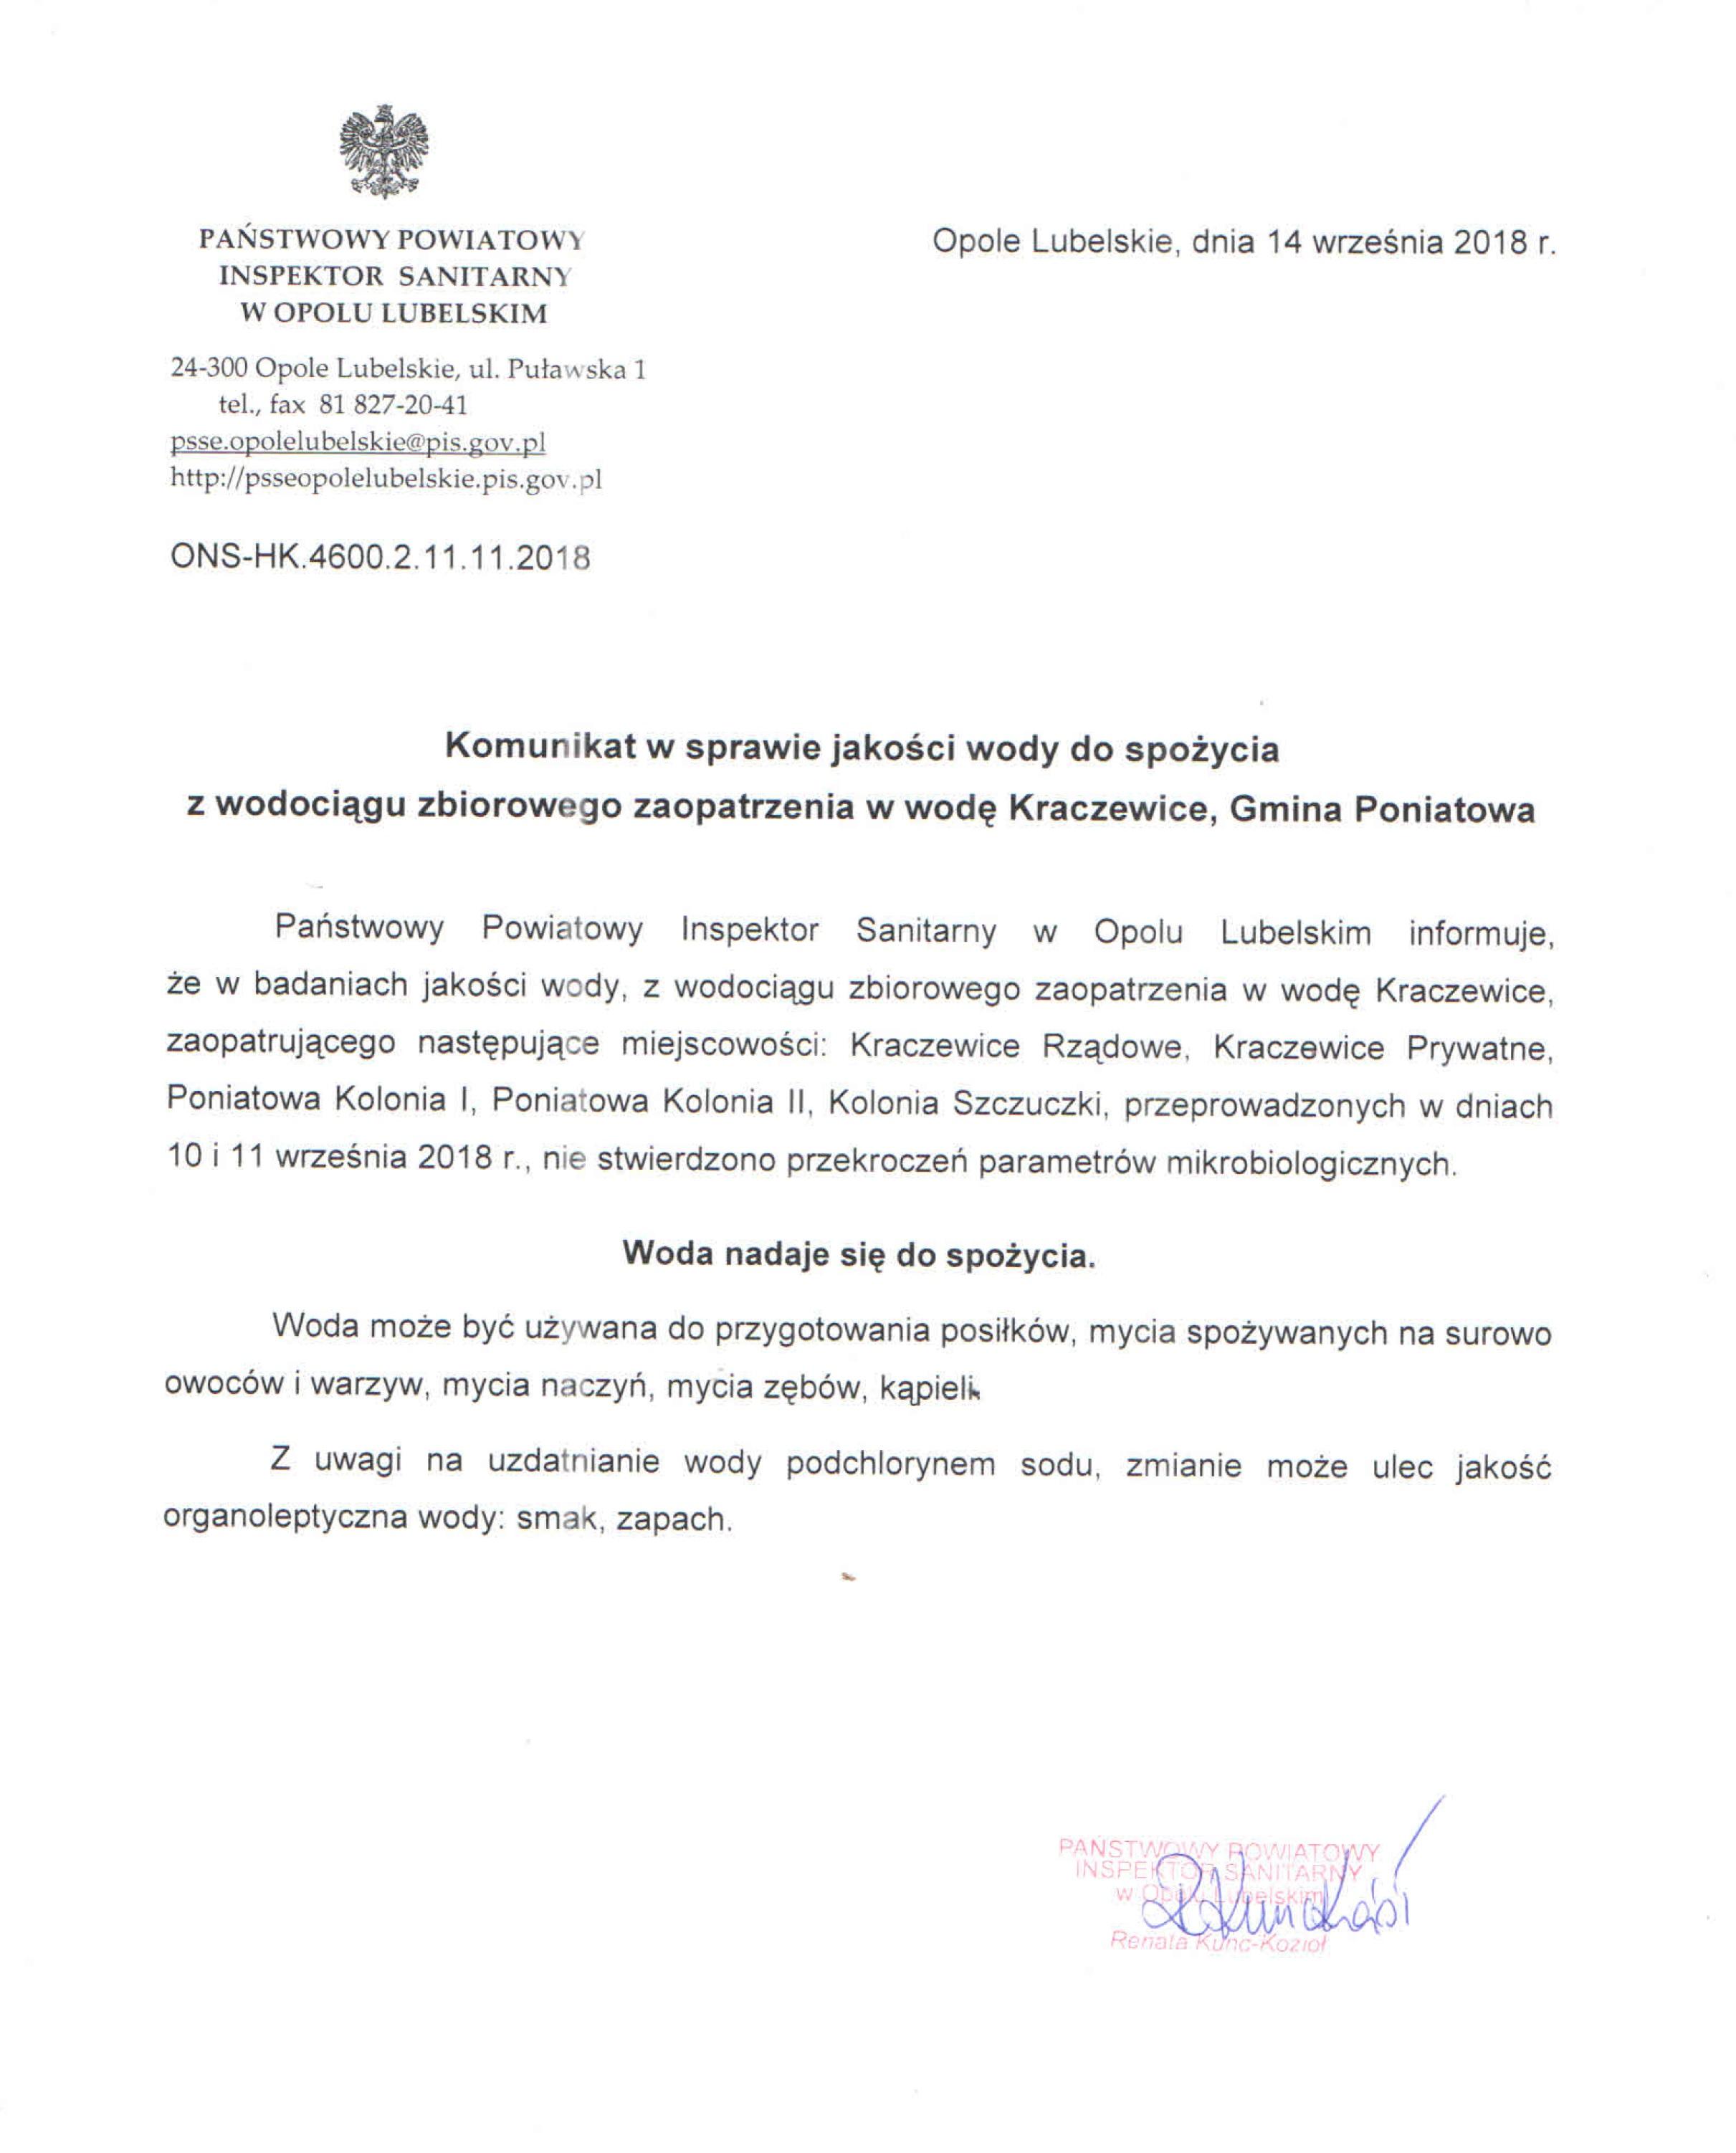 komunikat_wzz Kraczewice 14.09.2018